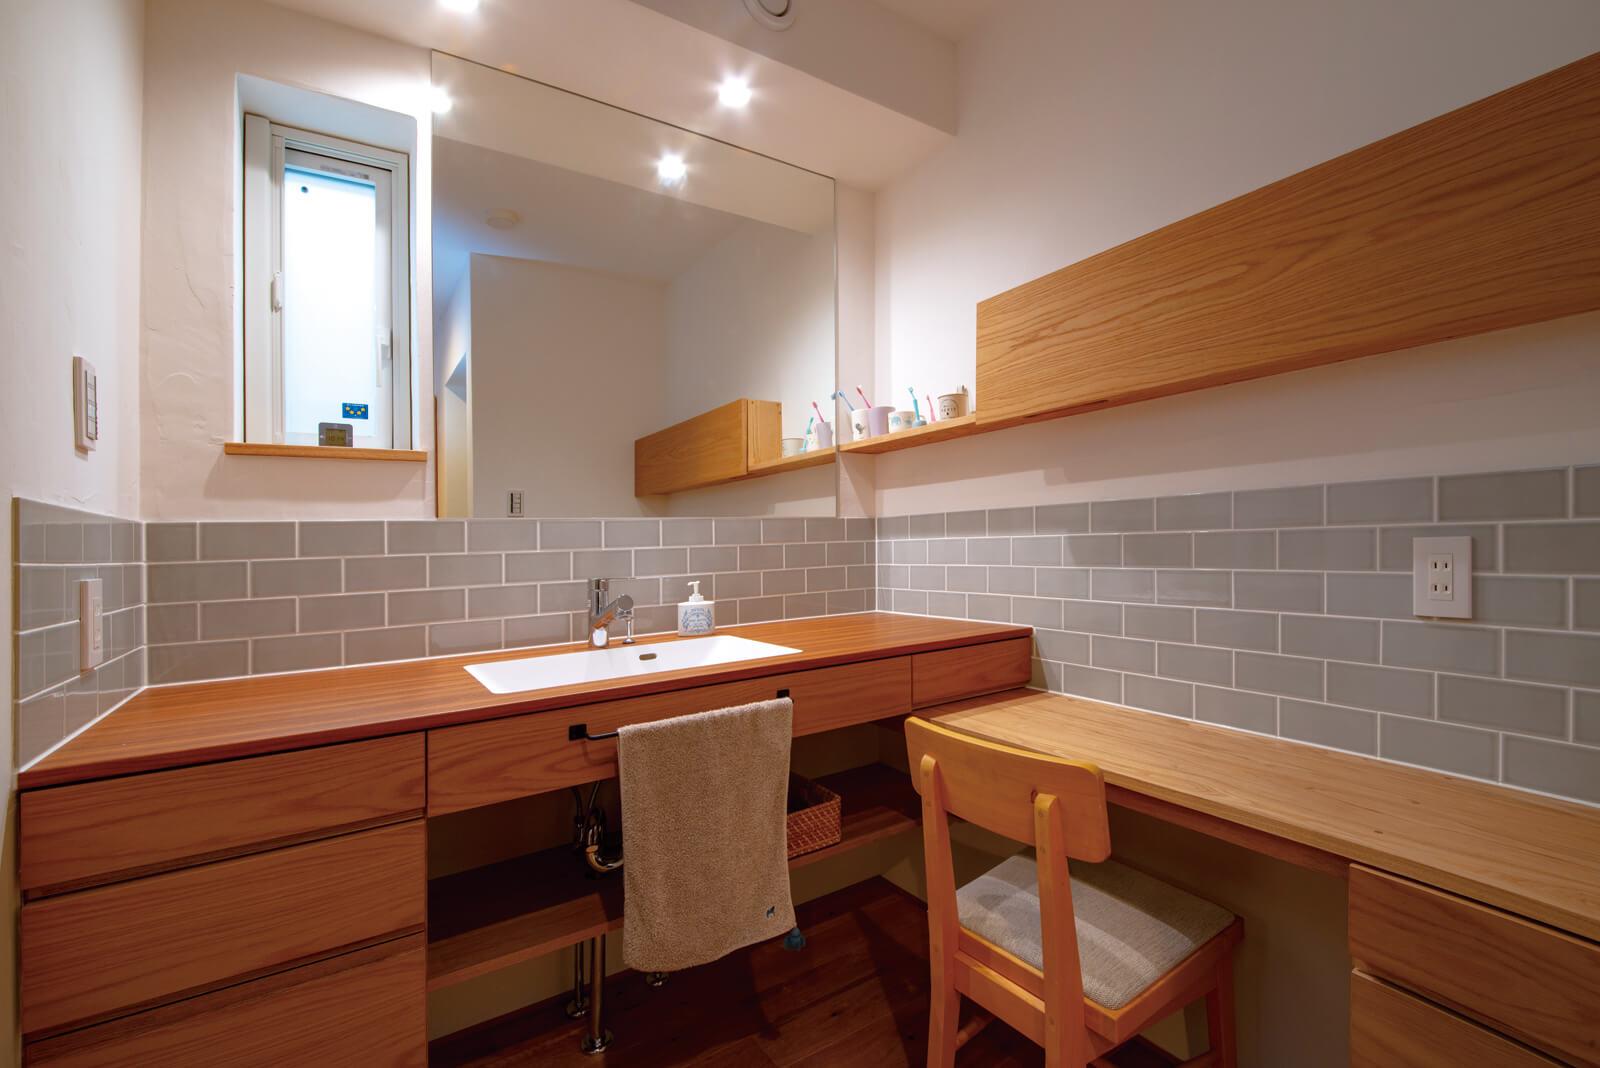 ゆとりある洗面室は、タモ材やタイルを用いた造作仕様。いつでもすっきりとした空間が楽に保てるよう、引き出しや扉付き収納も多く設けられている